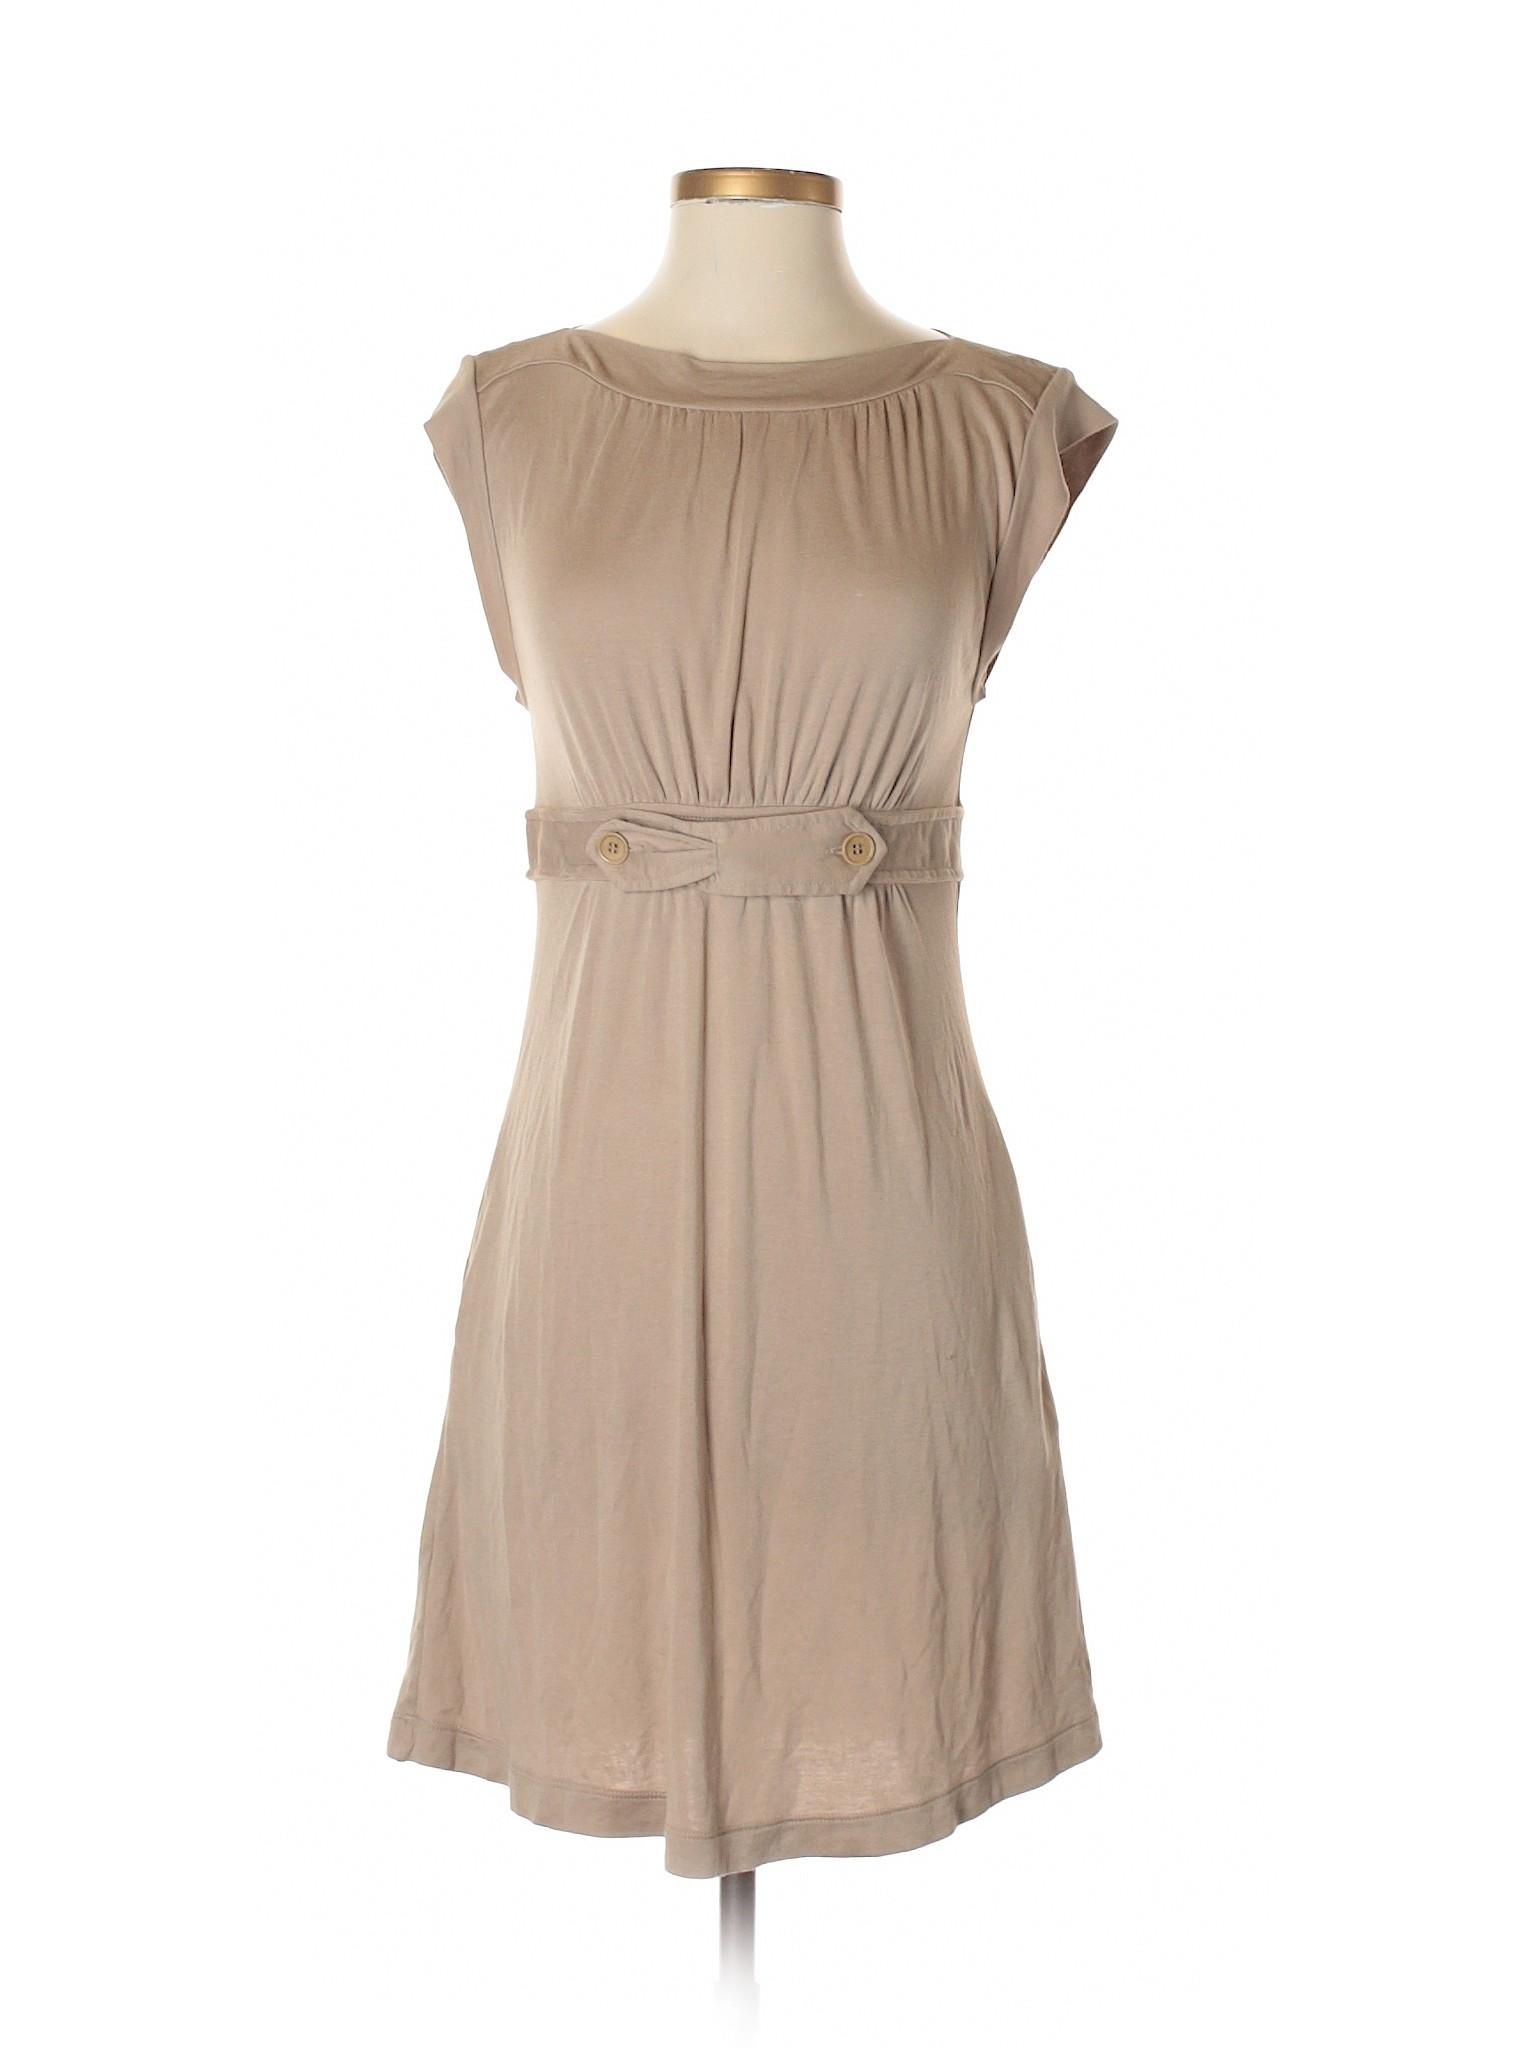 winter Boutique Dress BCBGMAXAZRIA Casual Boutique winter Sq6nWq4EP